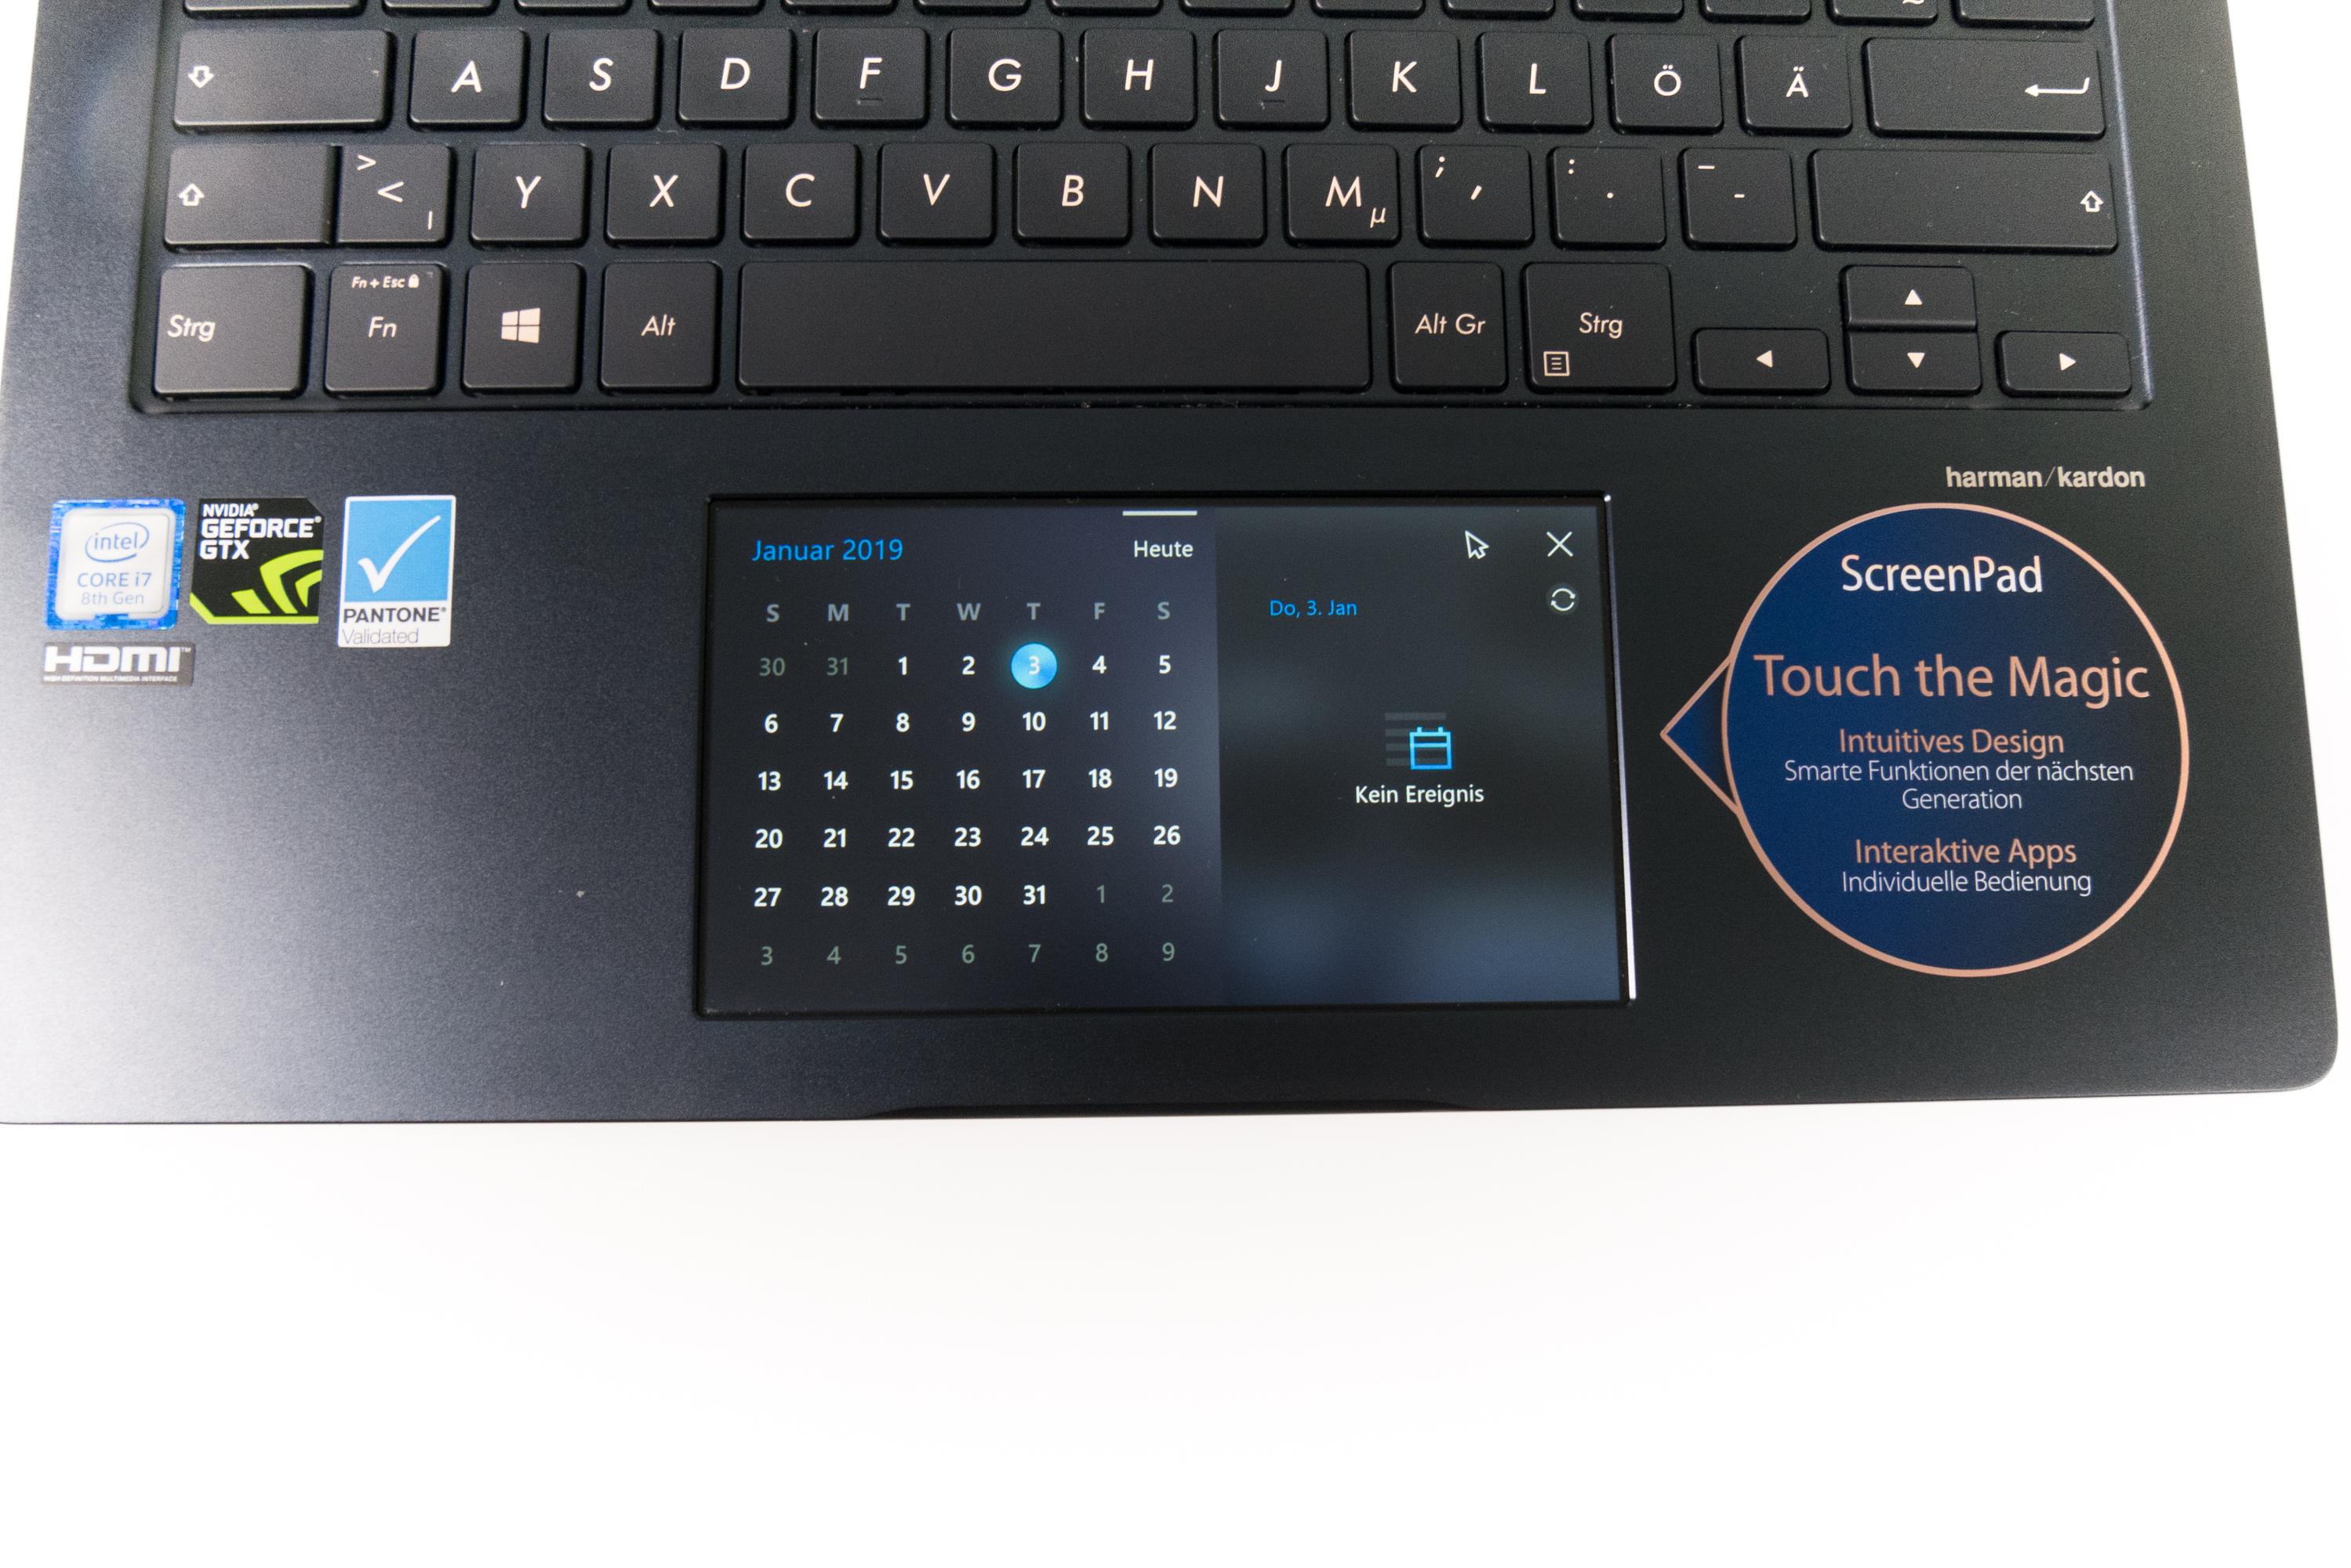 Asus Zenbook Pro 14 im Test: Das Display im Touchpad macht den Unterschied - ... und Kalender anzeigen. (Bild: Oliver Nickel/Golem.de)